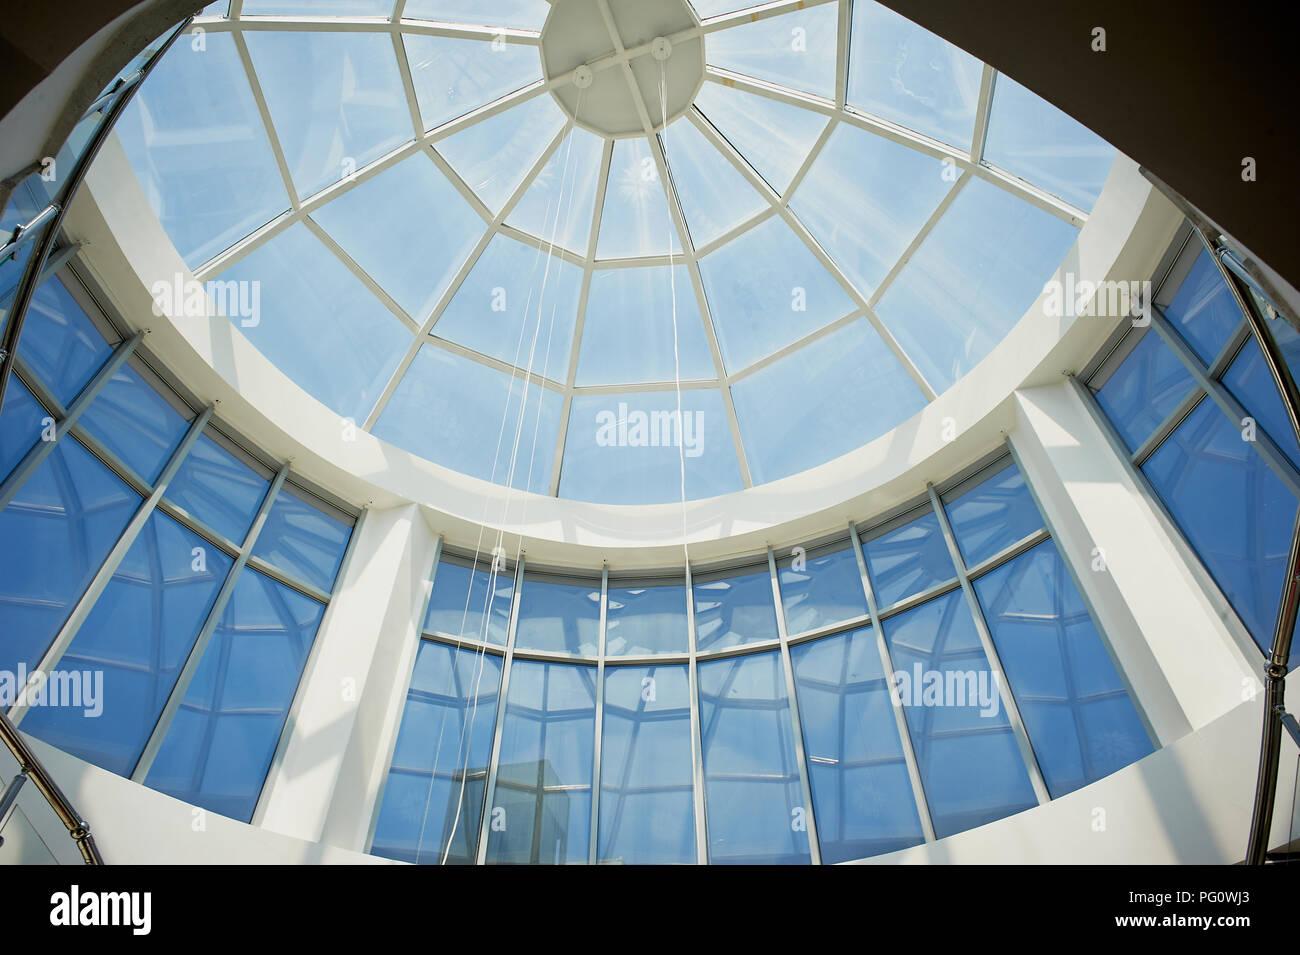 Die verglaste Kuppel der modernes Gebäude. Der blaue Himmel ist beleuchtet Stockbild